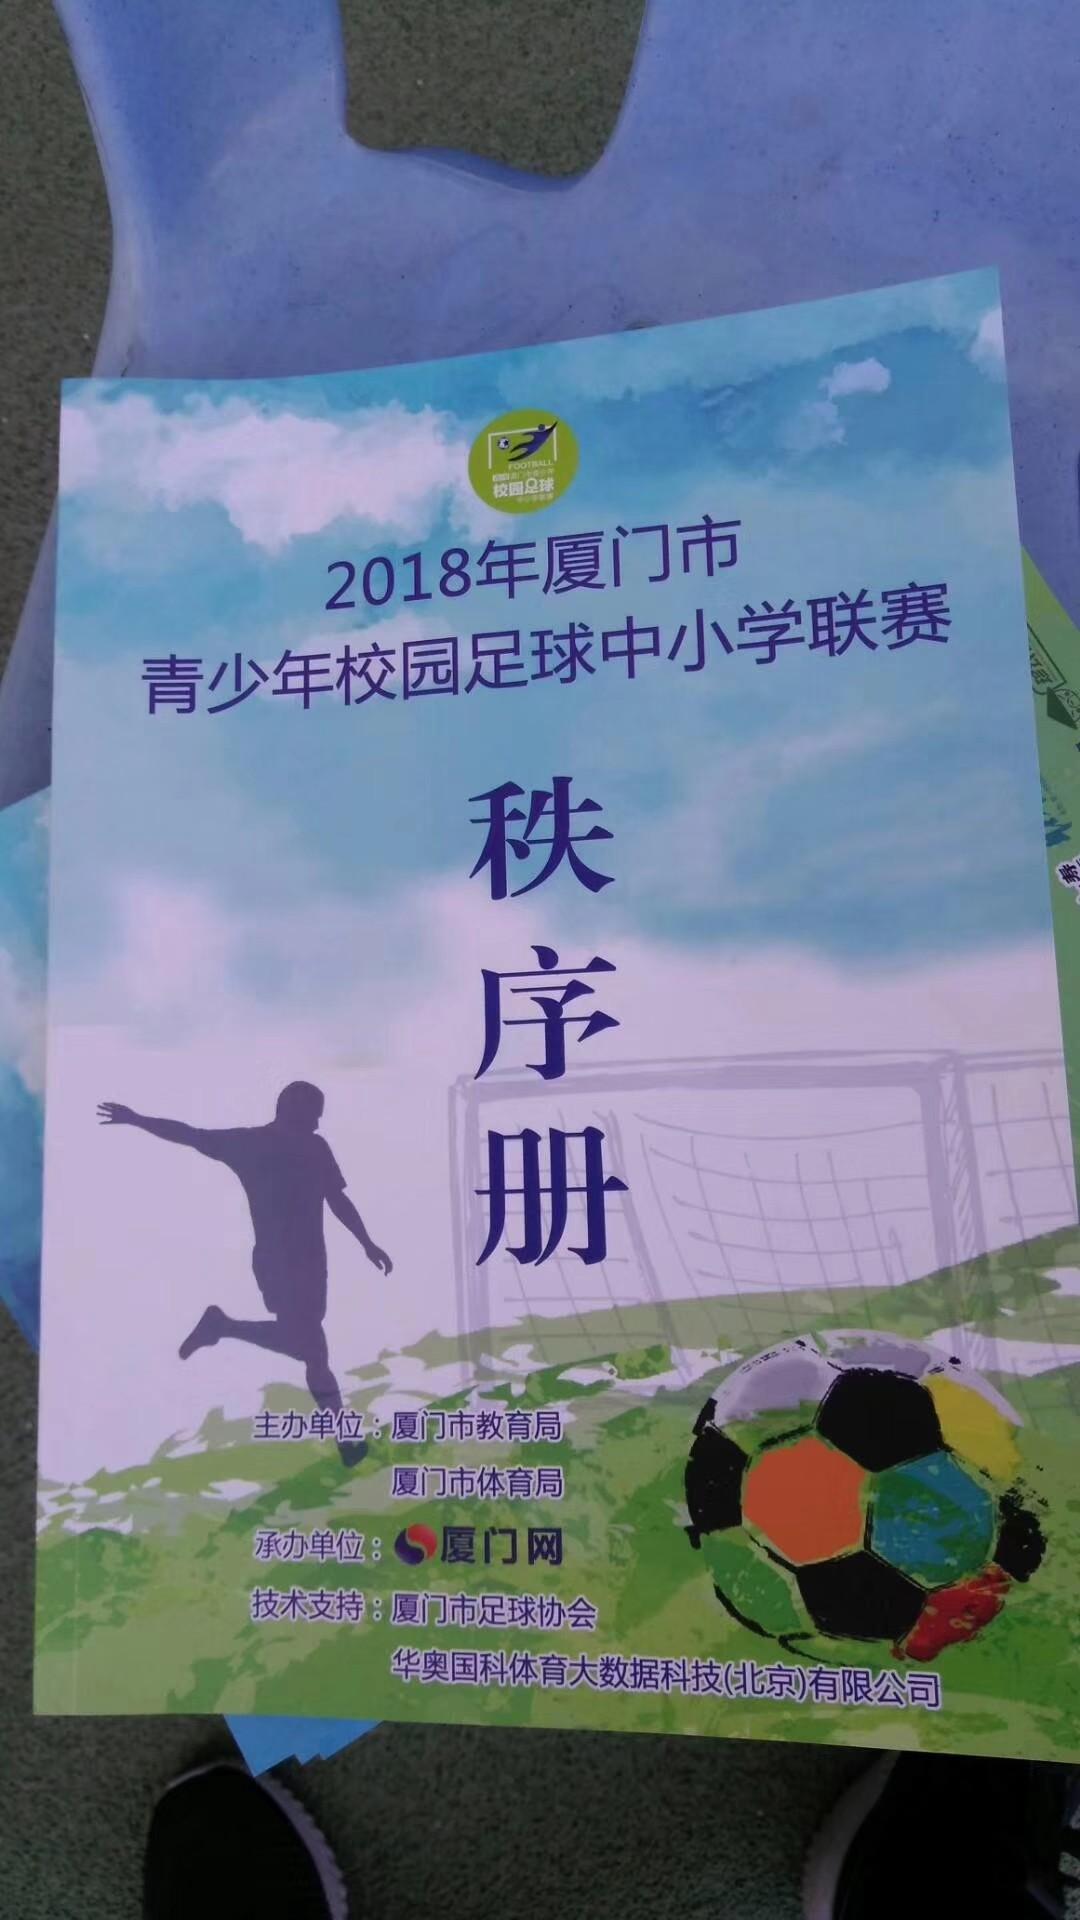 国科校园赛事v校园2018厦门青少年小学足球中啦啦数据操校园图片